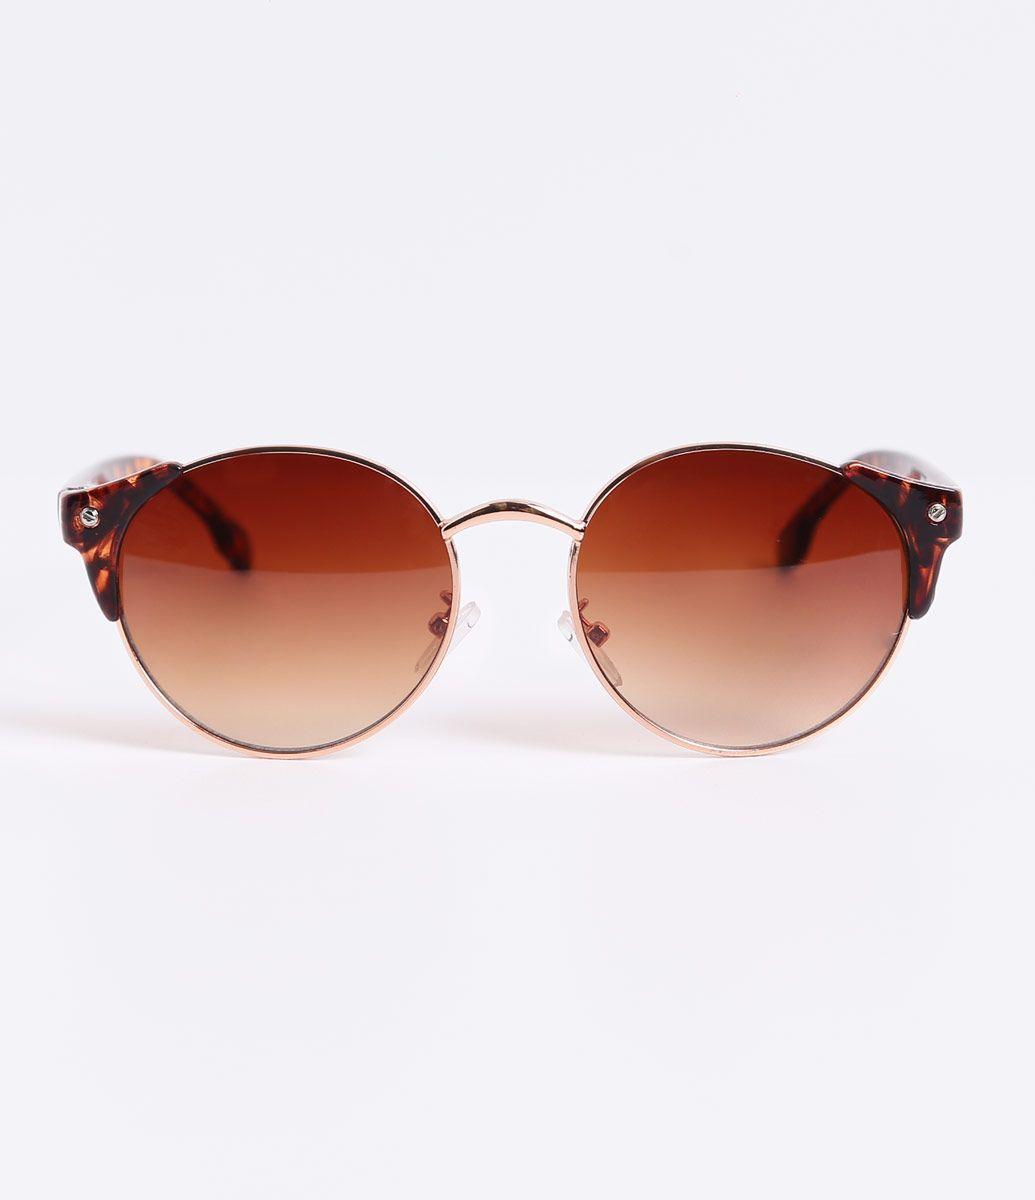 5563862a63ea6 Óculos de Sol Feminino Redondo - Lojas Renner   óculos   Pinterest